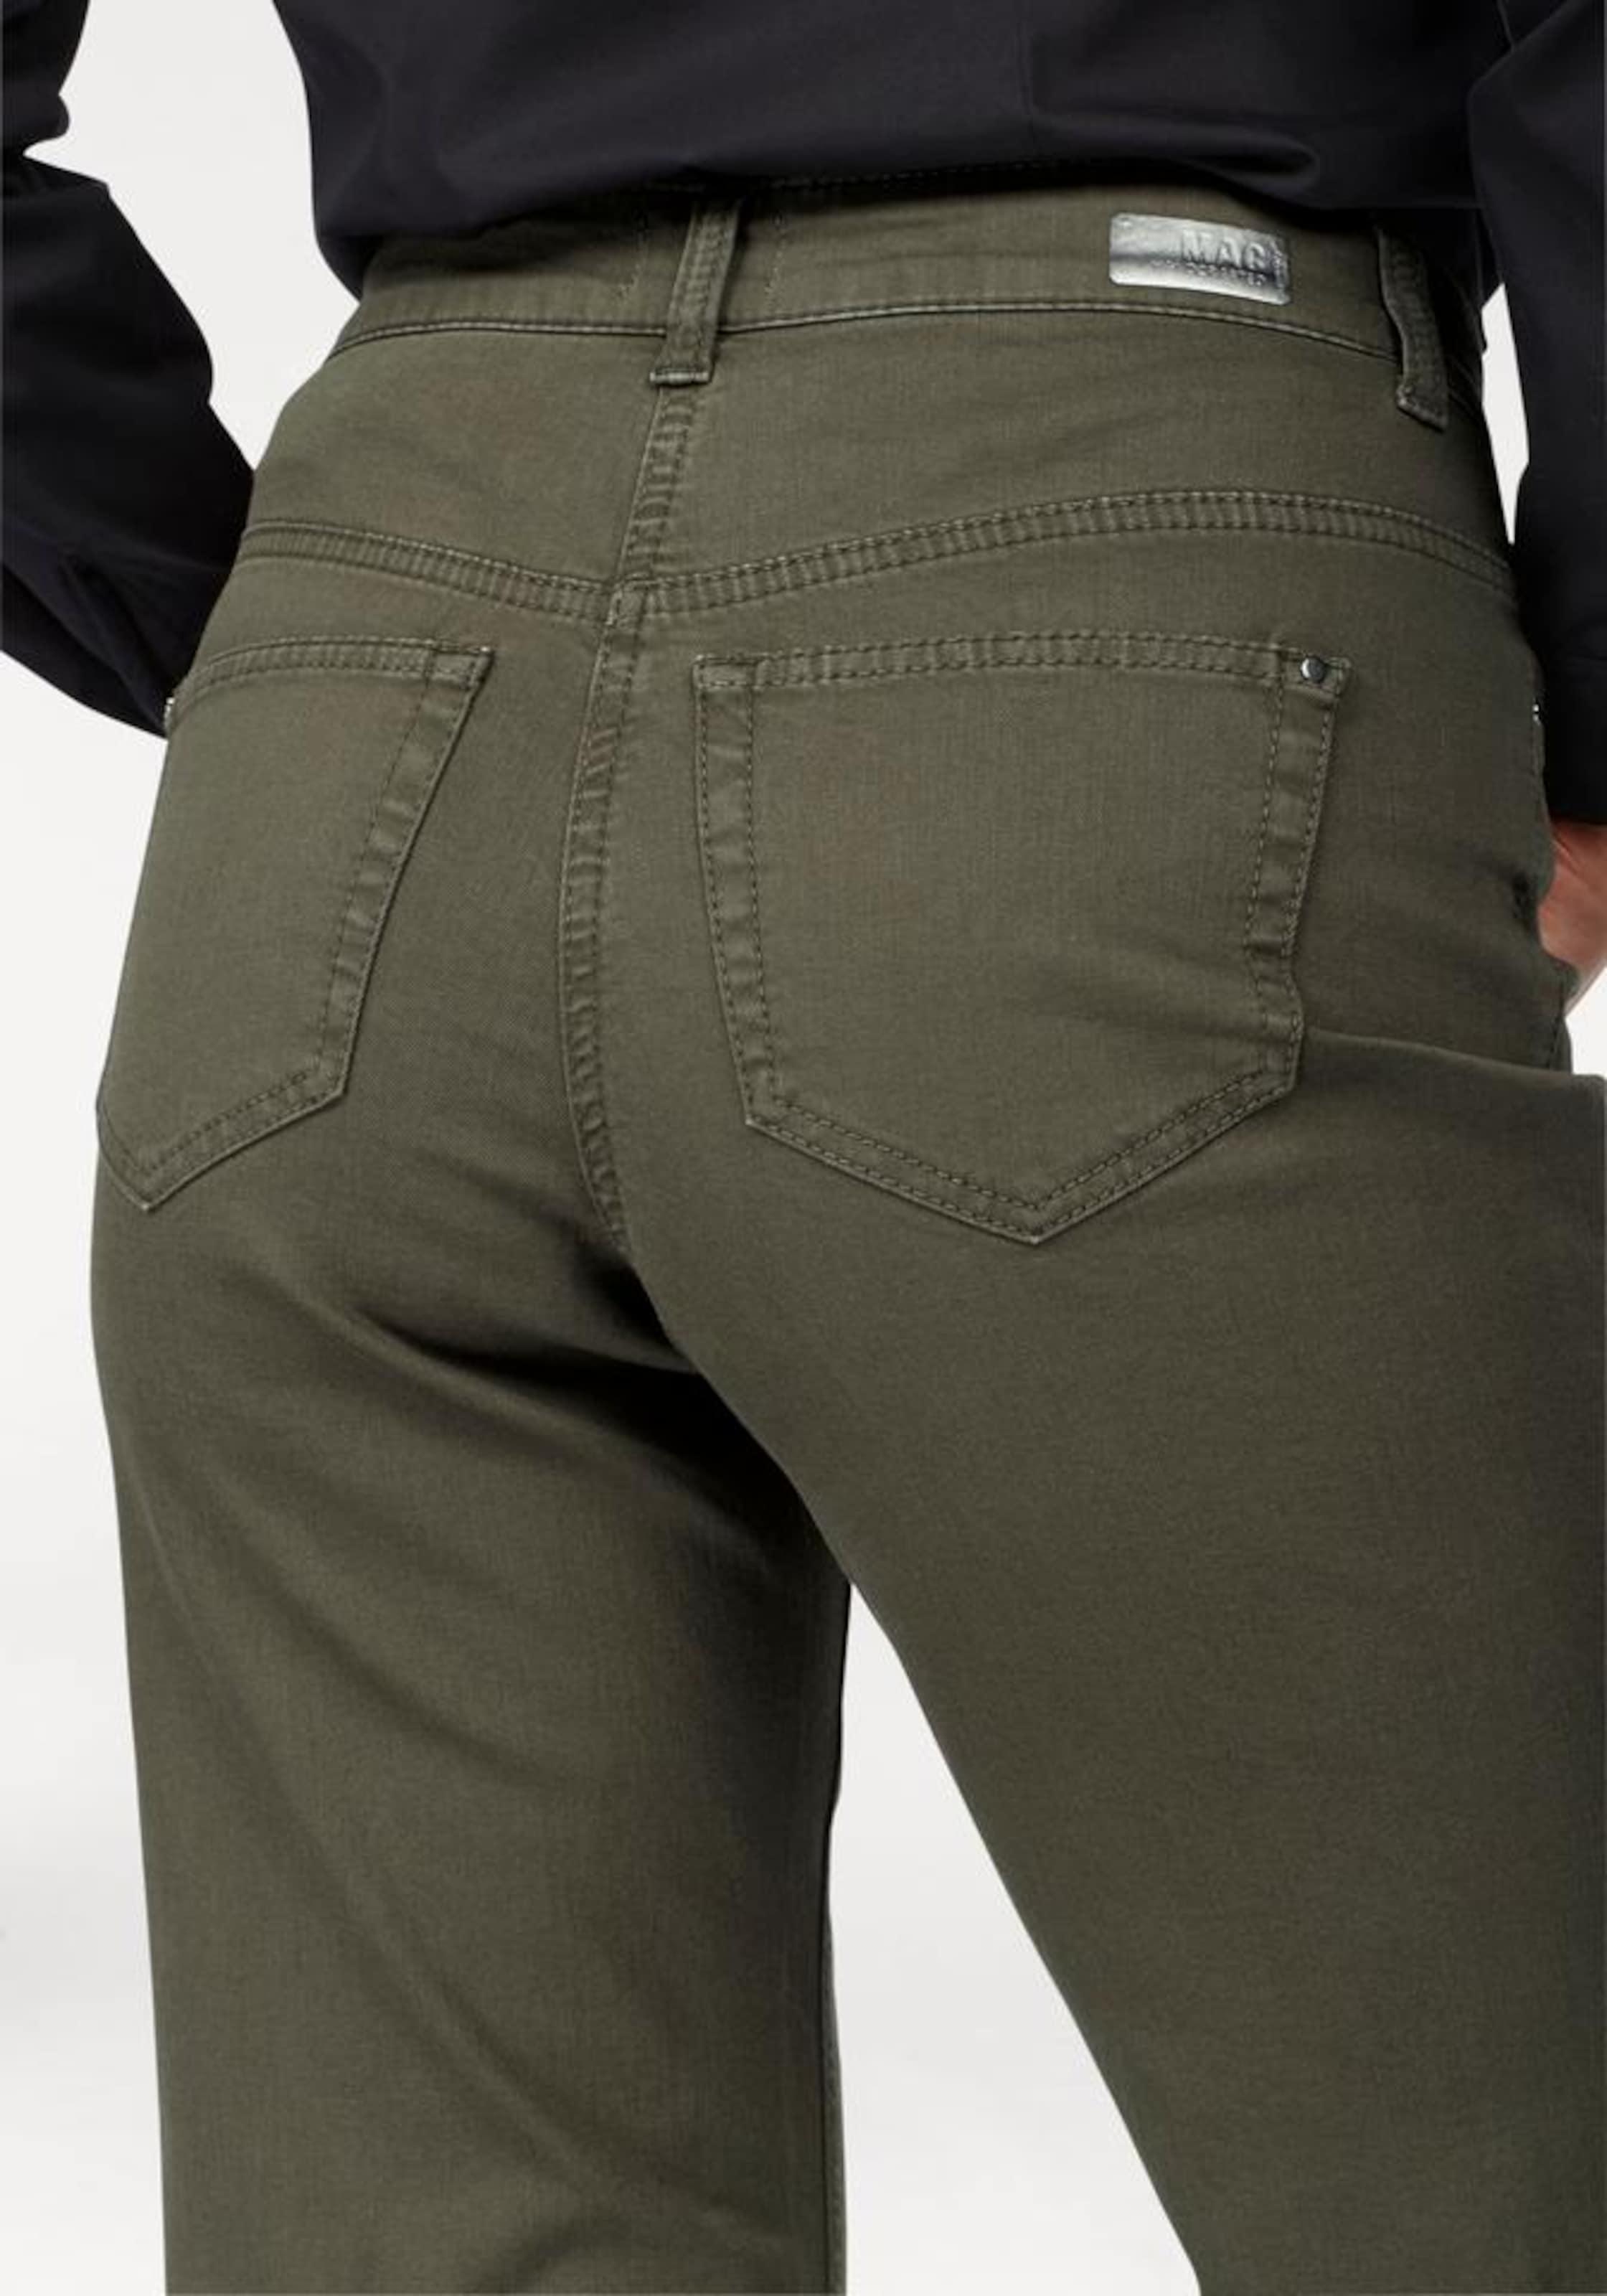 Die Günstigste Online Billige Versorgung MAC Bequeme Jeans »Stella« Spielraum Spielraum Besuchen Neue pIhDW